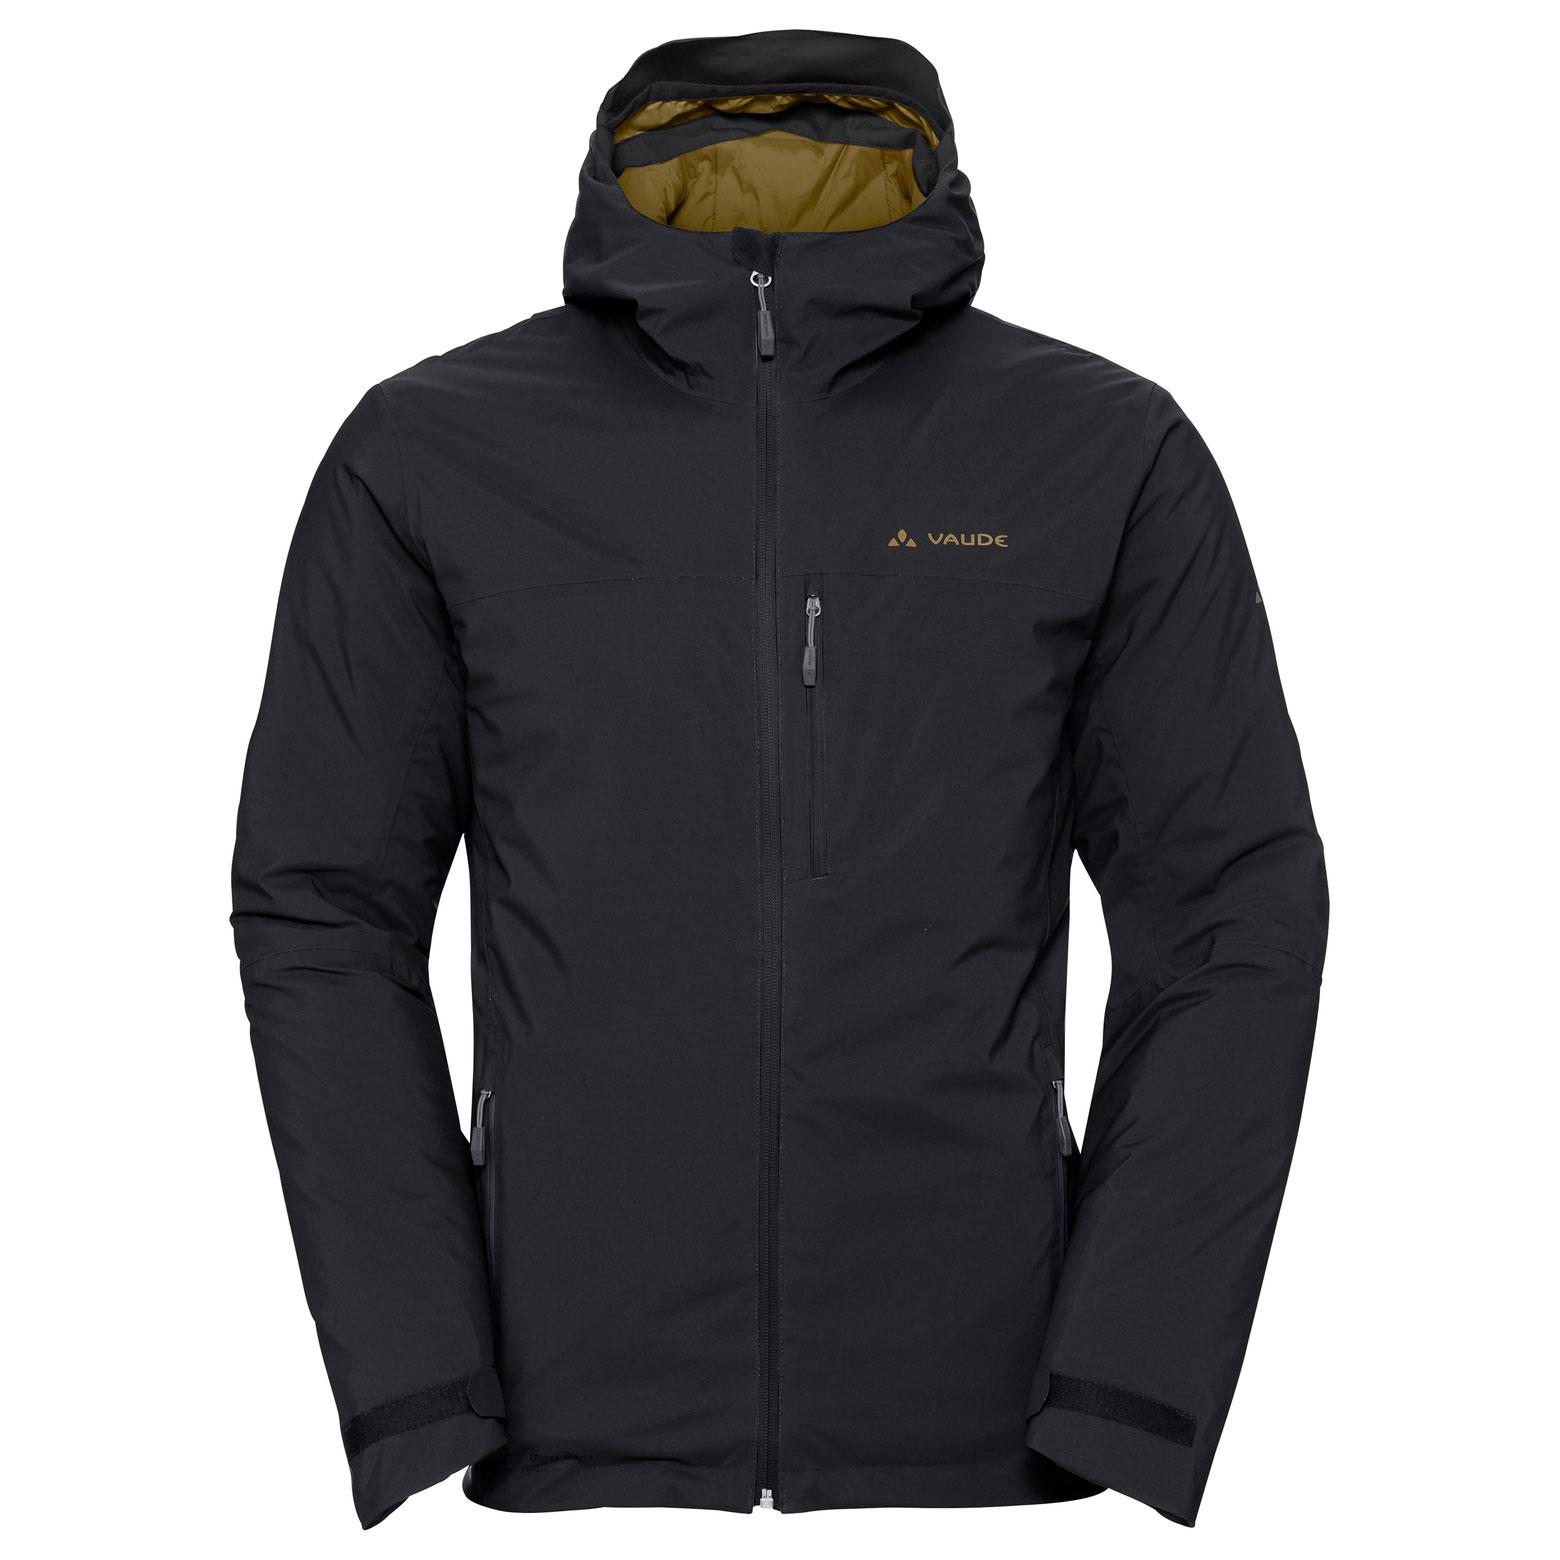 Vaude Herren Outdoorjacke Carbisdale Jacket 407...